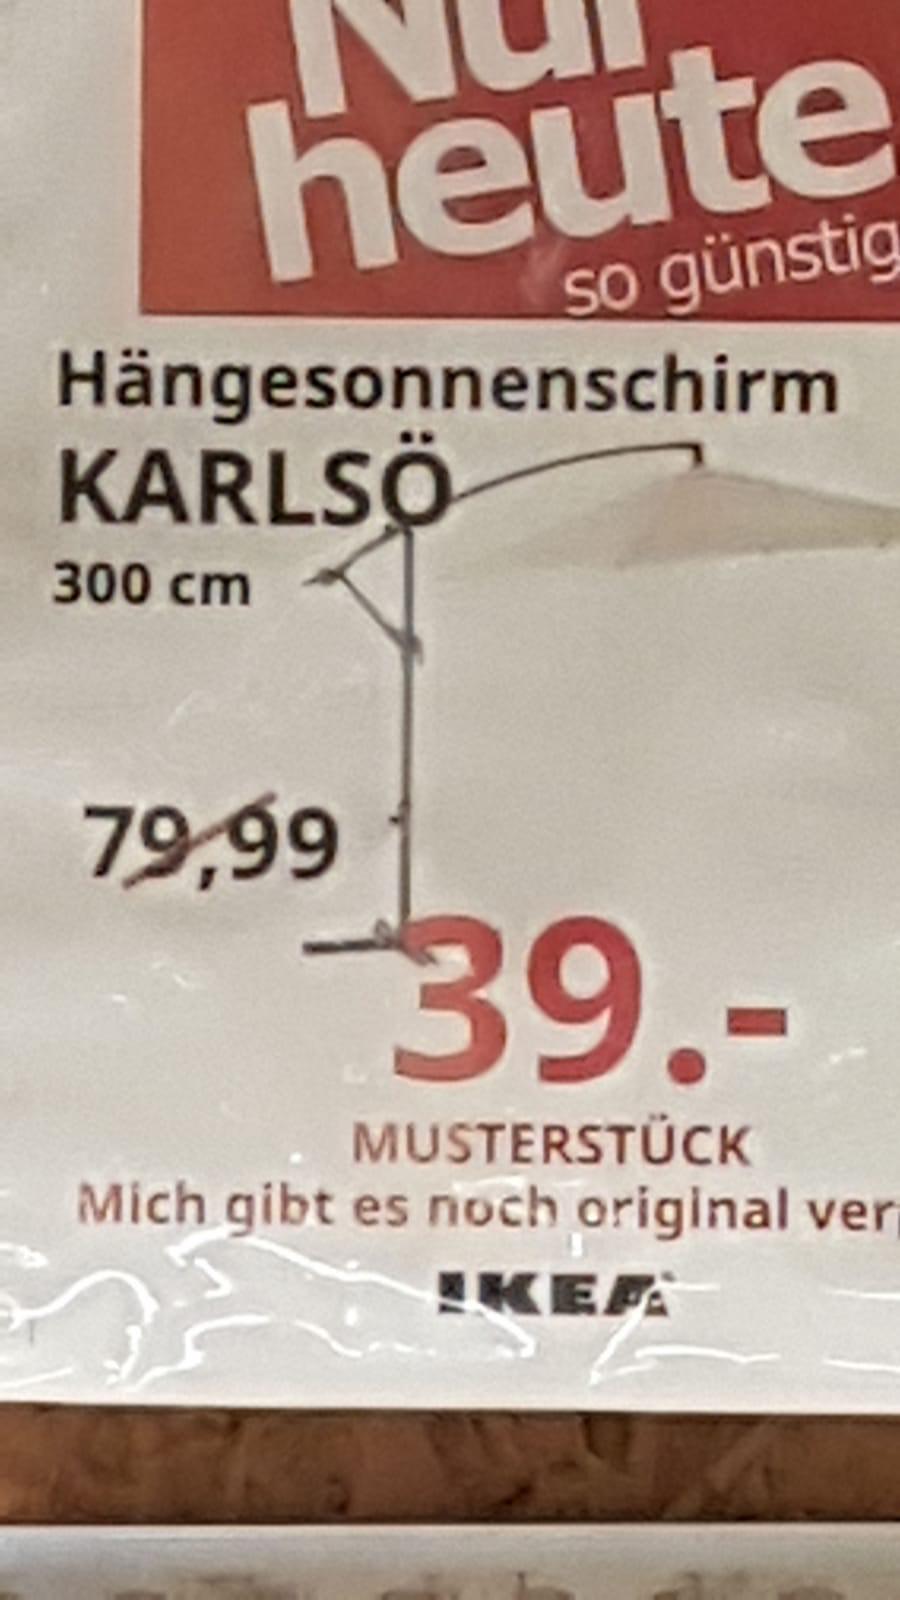 Ikea Hängesonnenschirm Karlsö